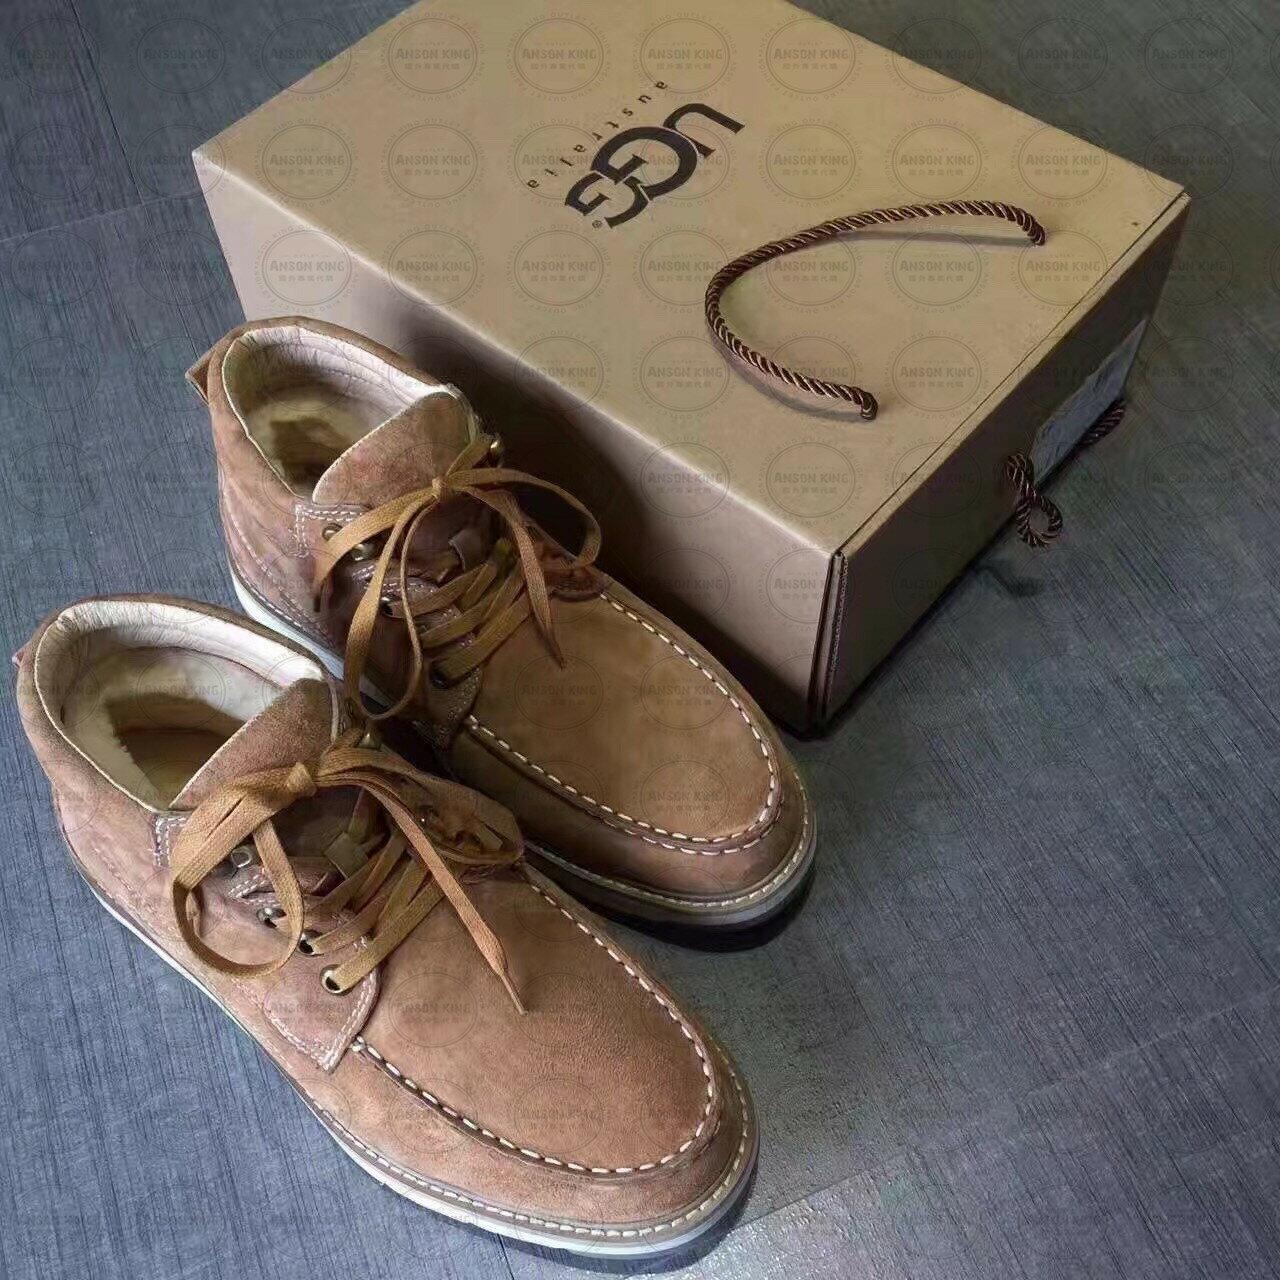 OUTLET正品代購 澳洲 UGG 新款冬季男款貝克漢 皮毛一體 短靴 保暖 真皮羊皮毛 雪靴 短靴 駝色 0